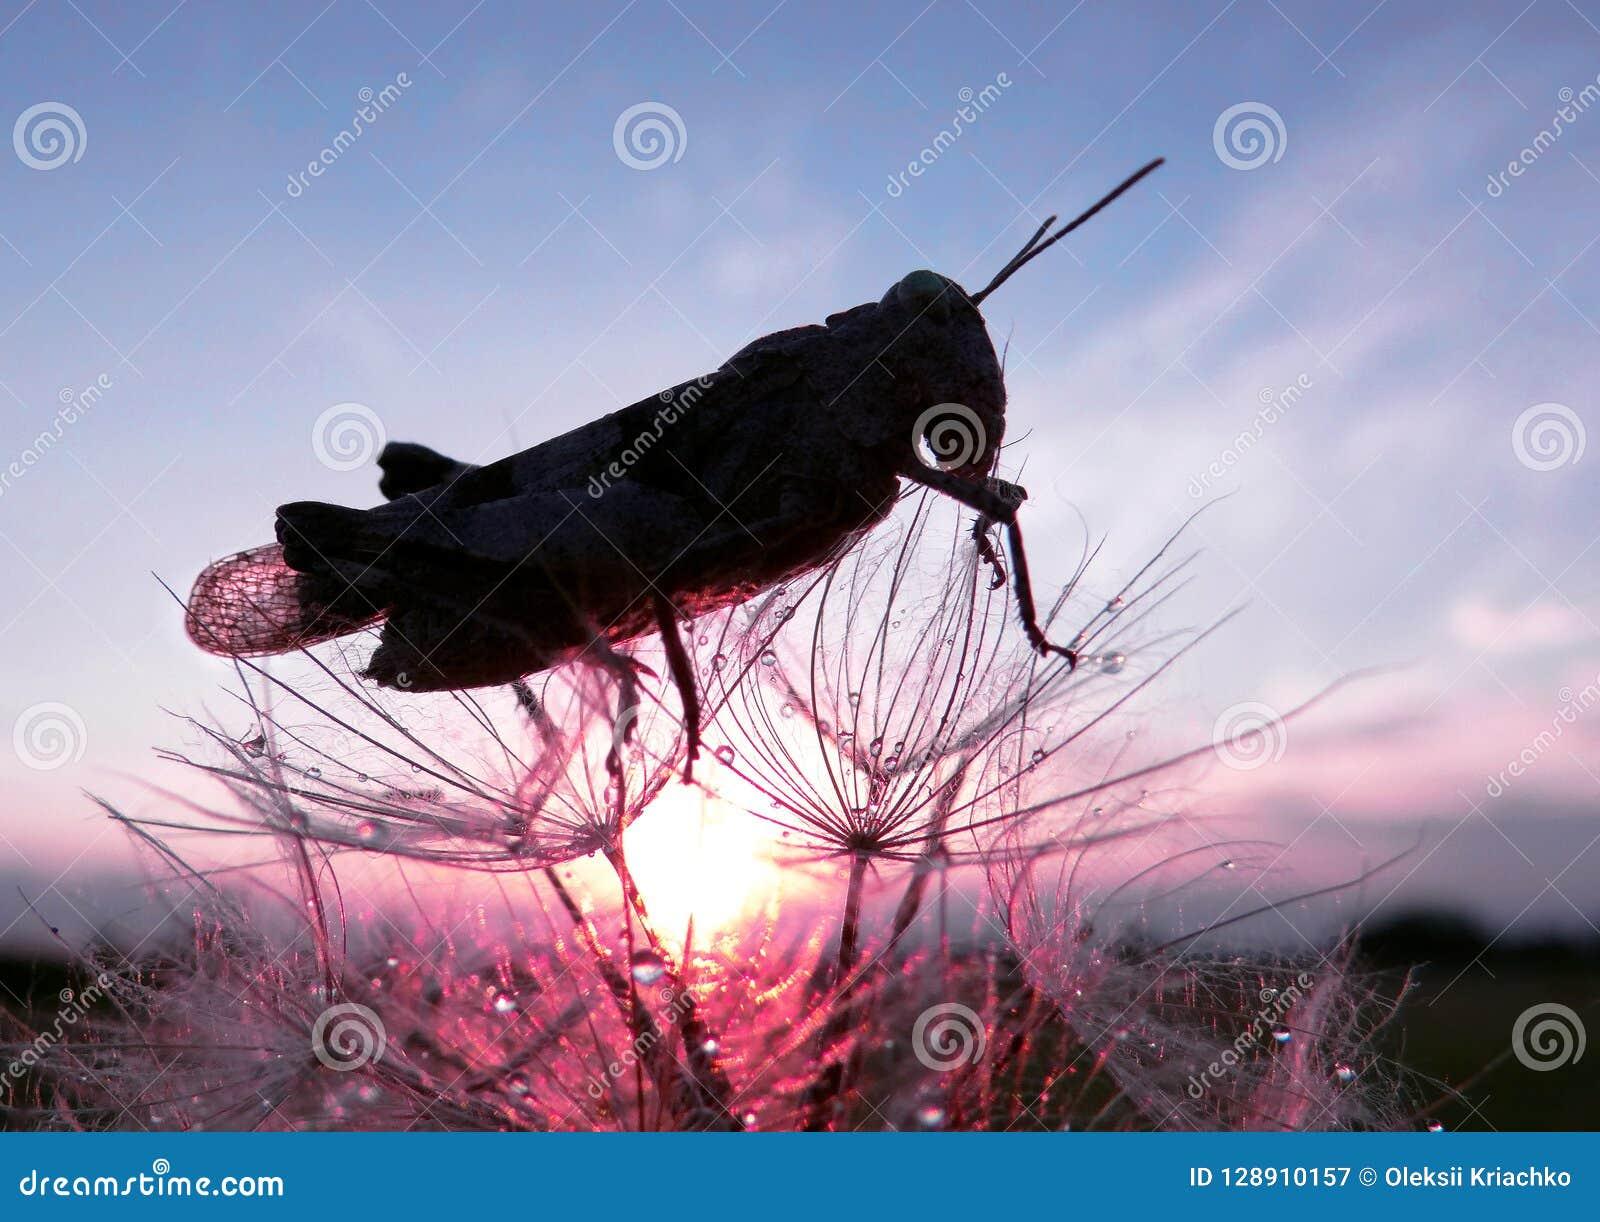 蒲公英种子和蚂蚱 蚂蚱和日出